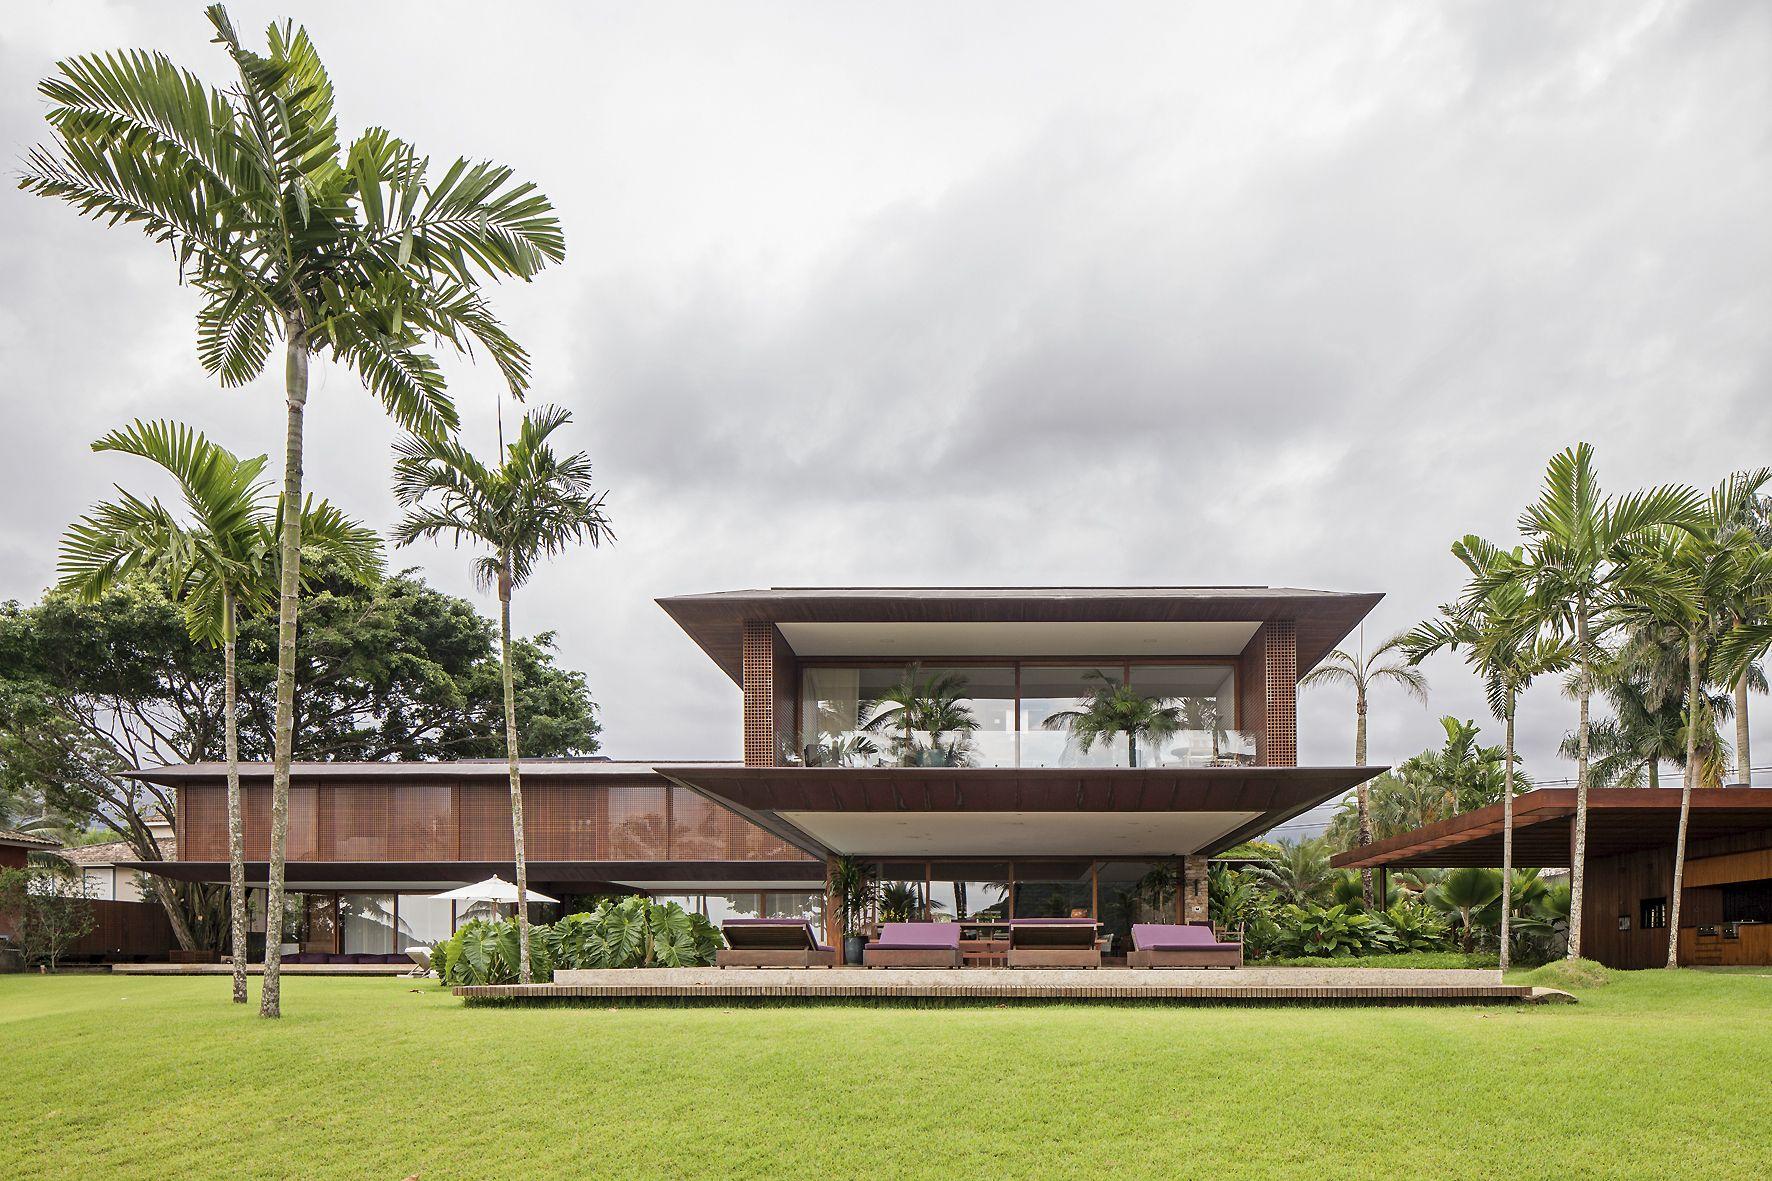 Jaq bernardes arquitetura house ideas bernardes for Casa moderna hampton hickory